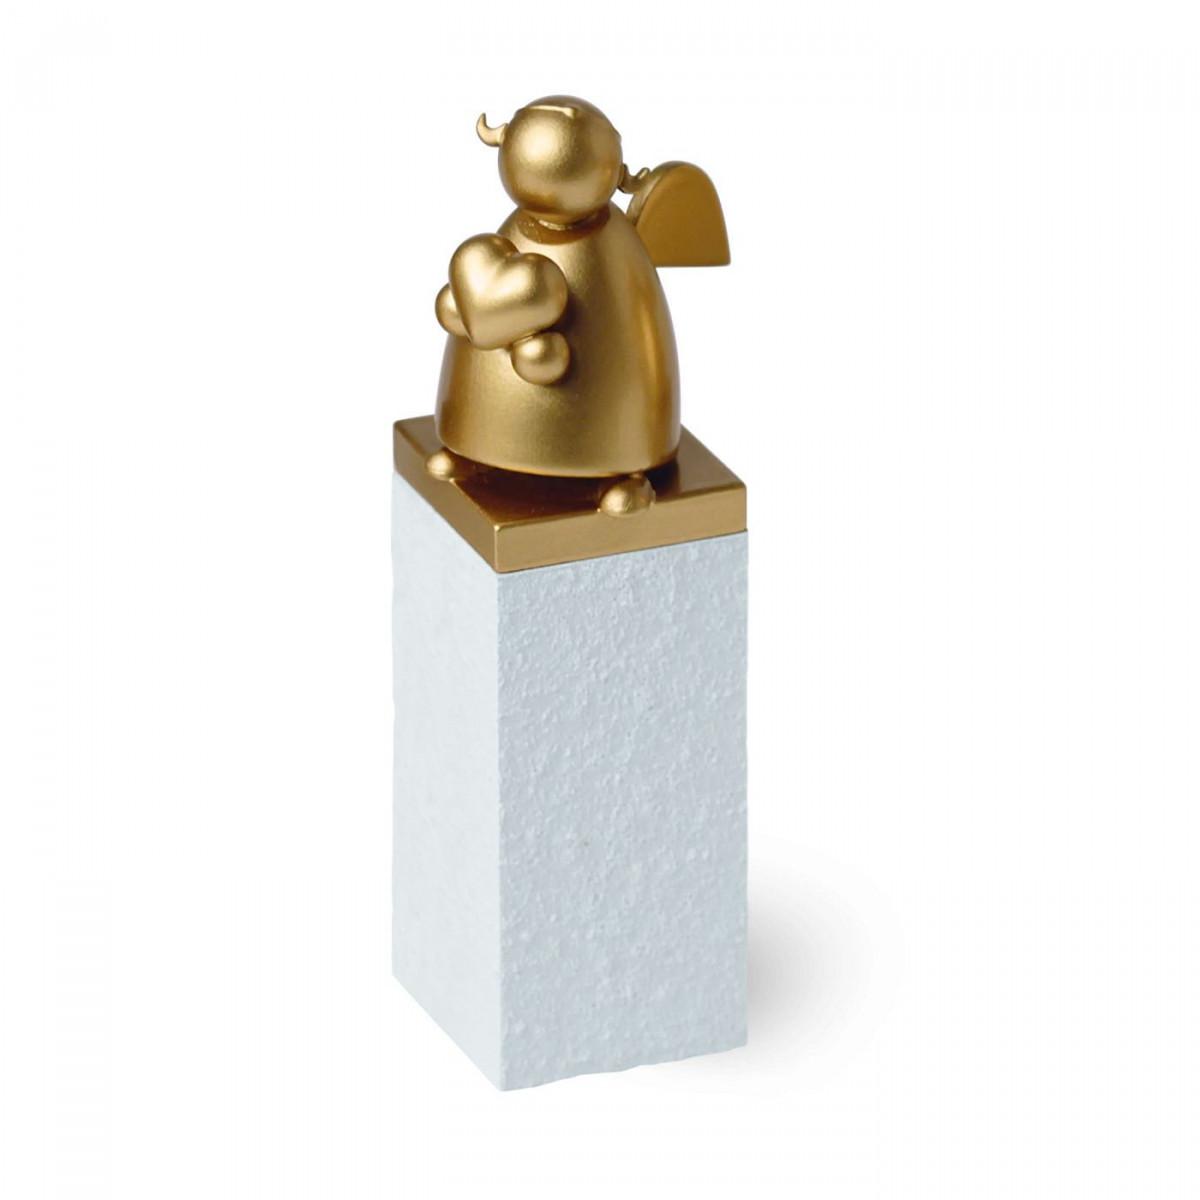 schutzengel gold mit herz erzgebirgskunst drechsel. Black Bedroom Furniture Sets. Home Design Ideas